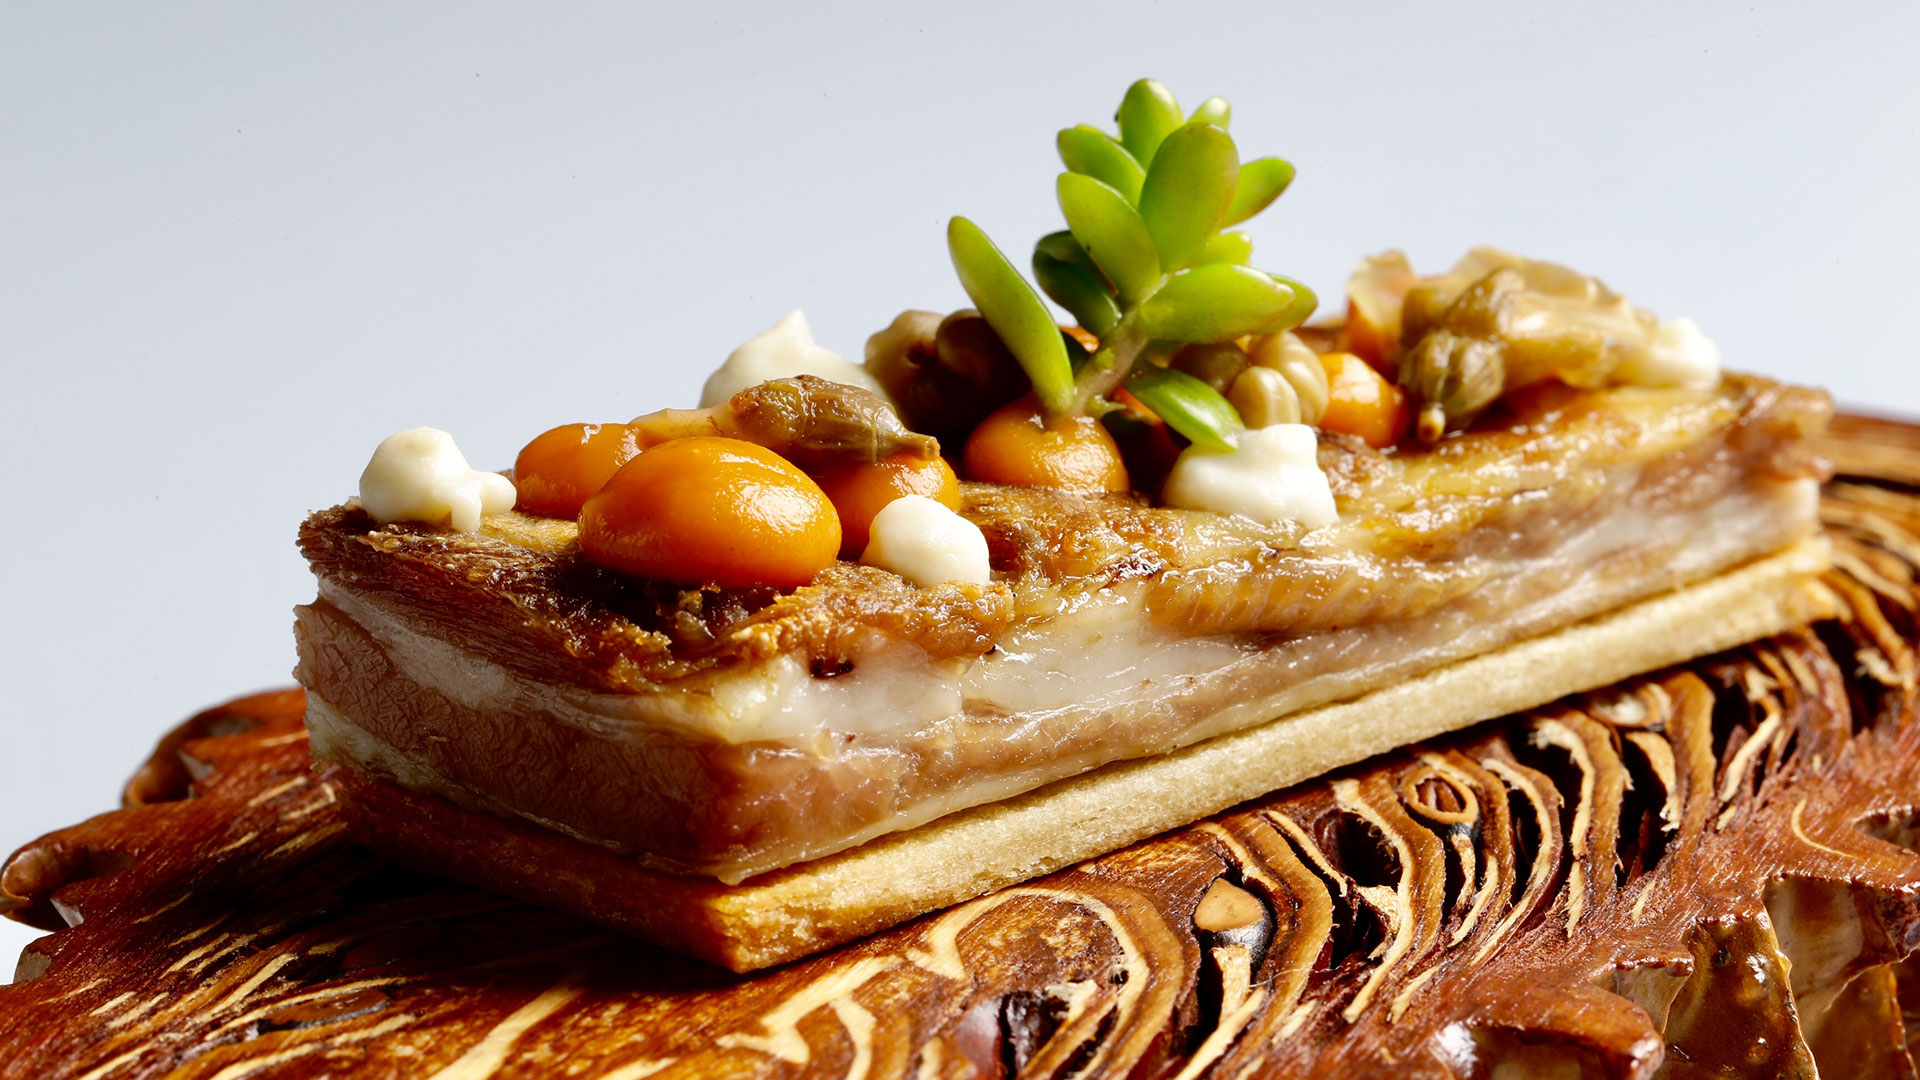 Receta de lingote de churrasco de cordero con escabechados